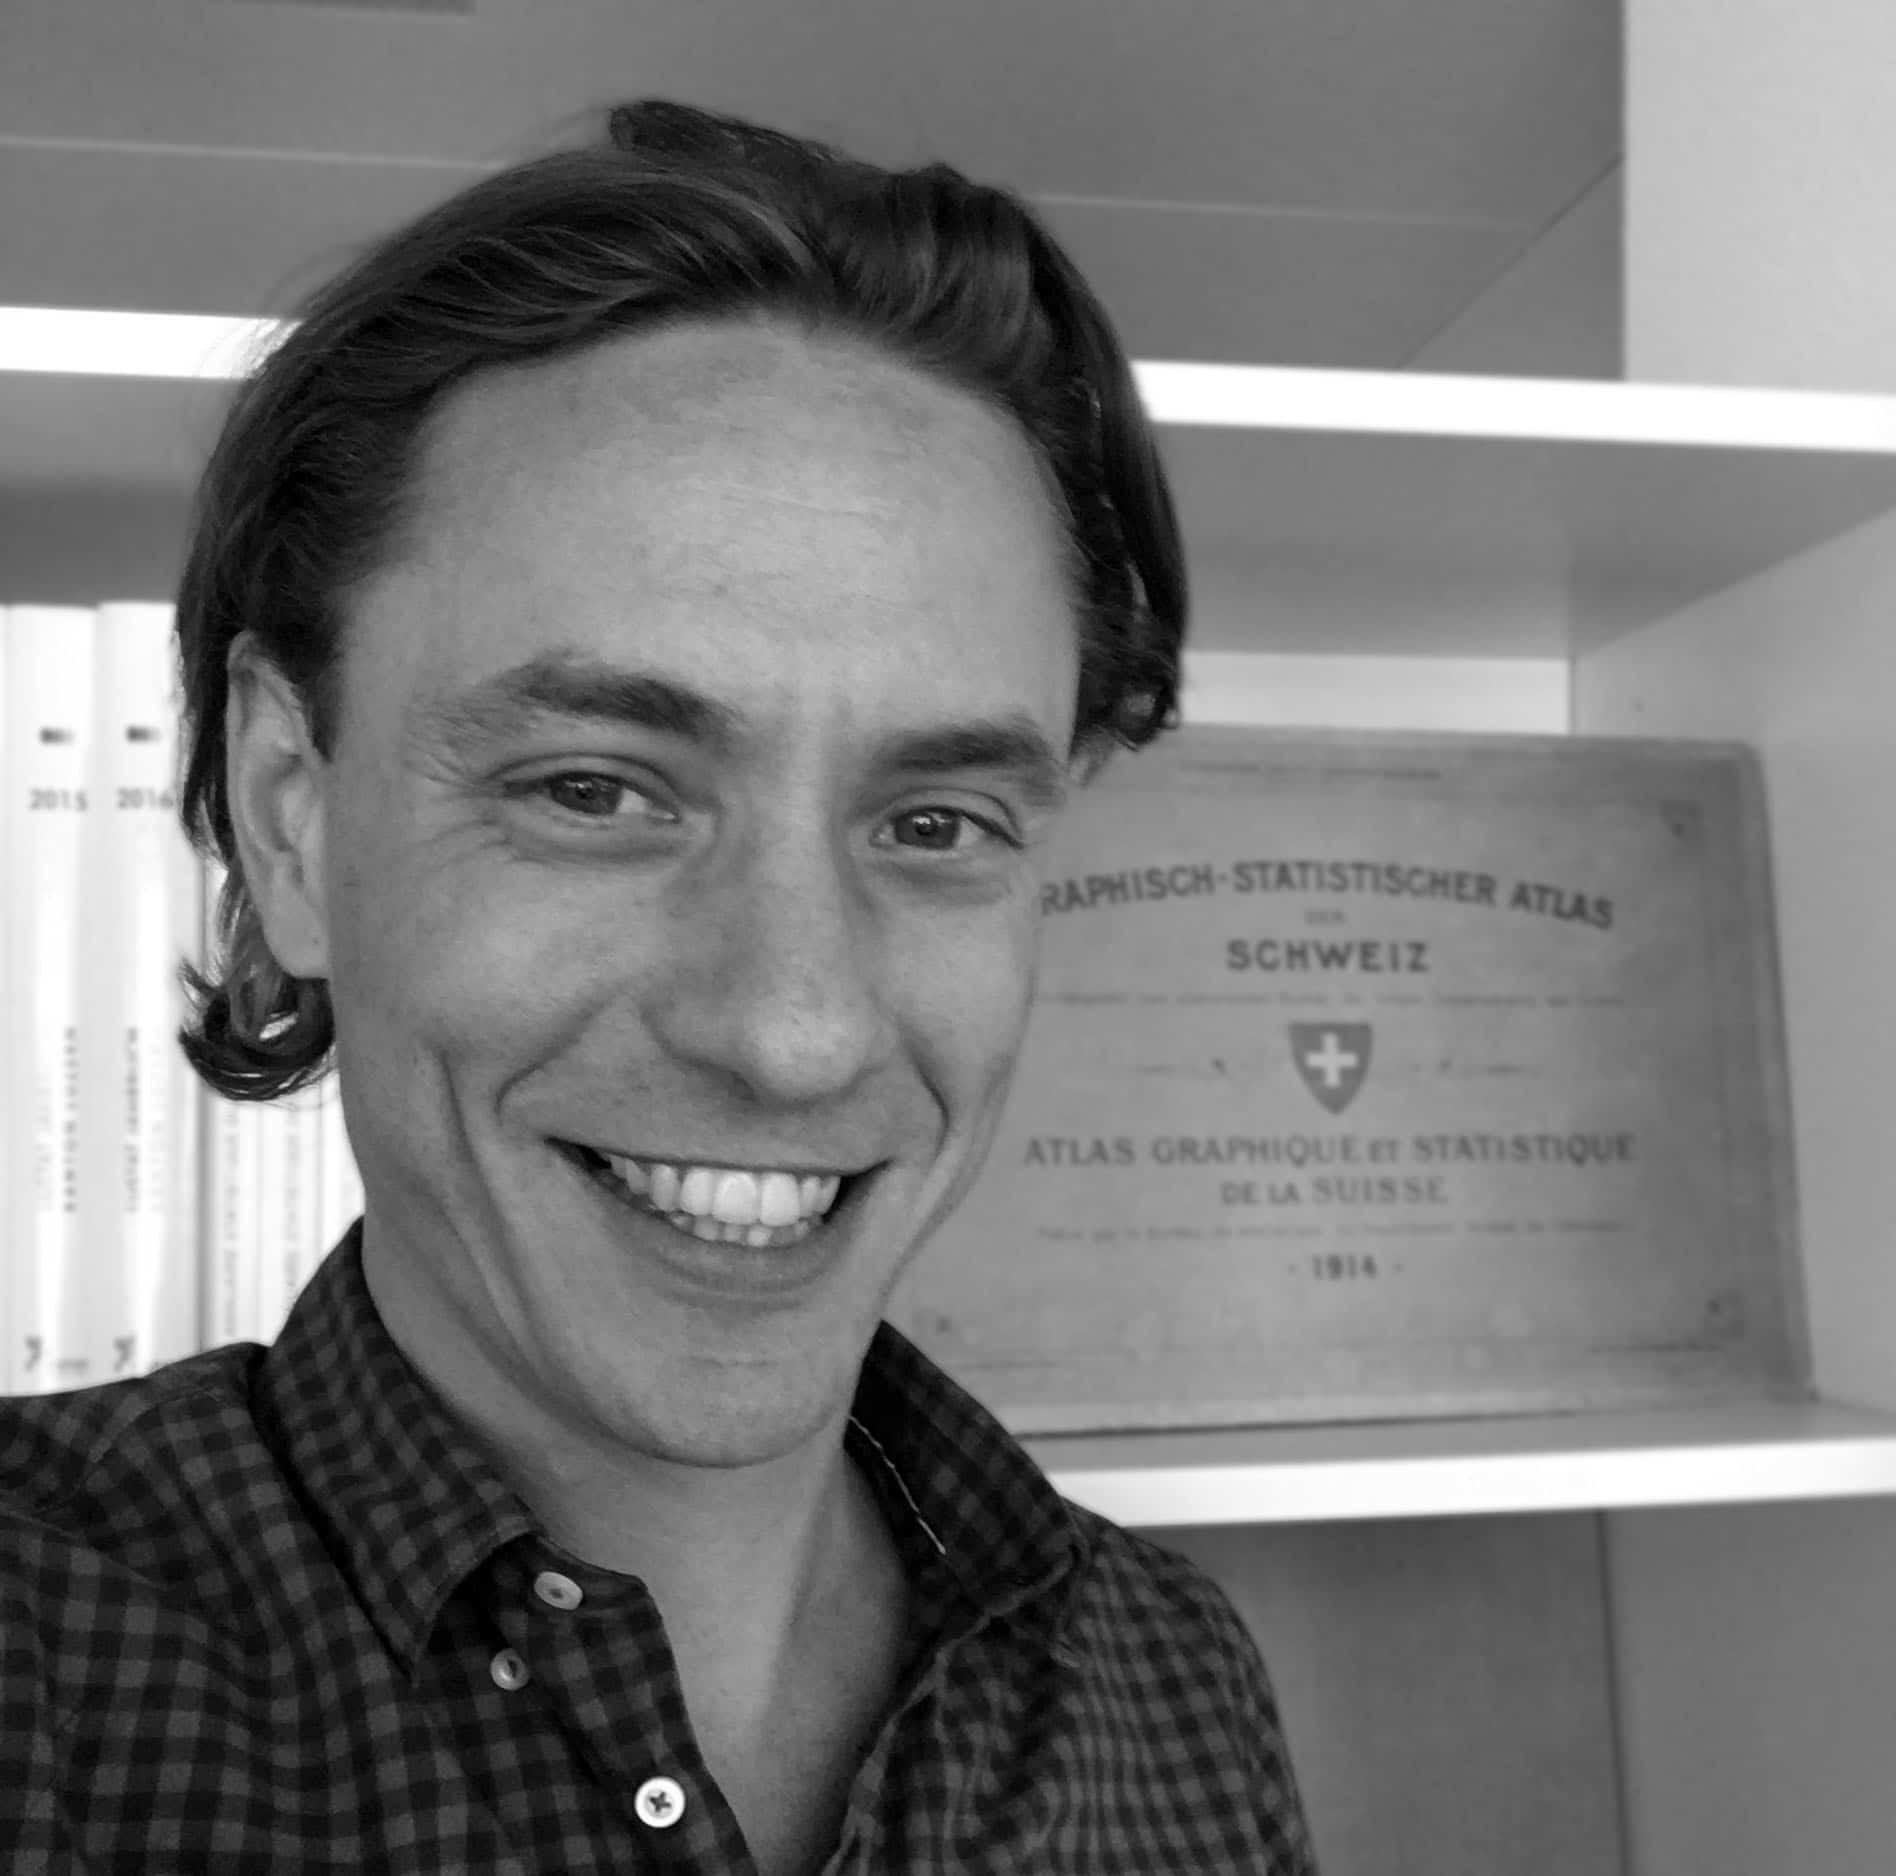 Matthias Mazenauer